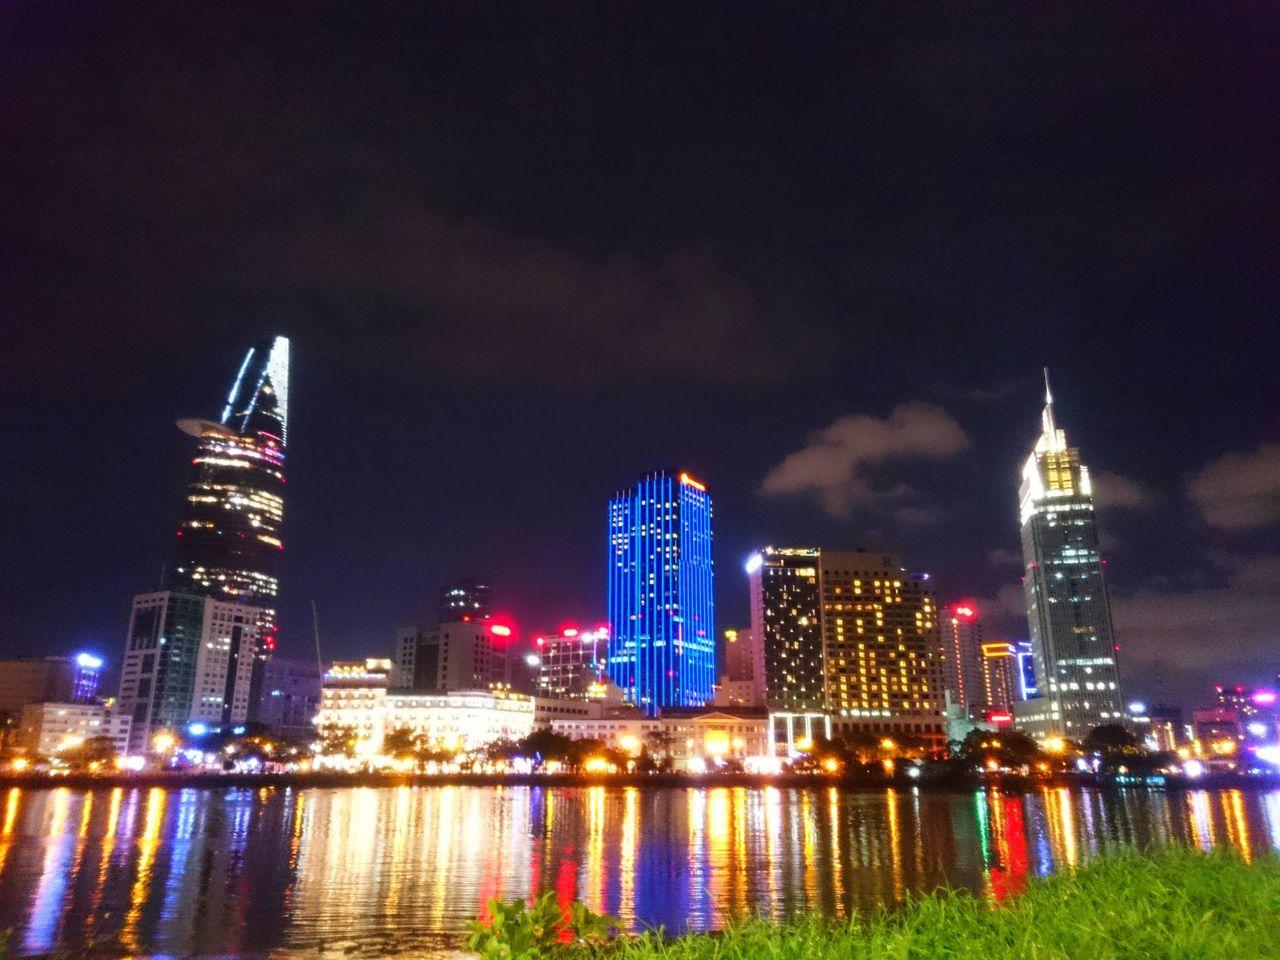 Night Saigon Vietnam Saigon Night City City Life Outdoors Building Bitexco River Colorful SaigonRiver Reflections